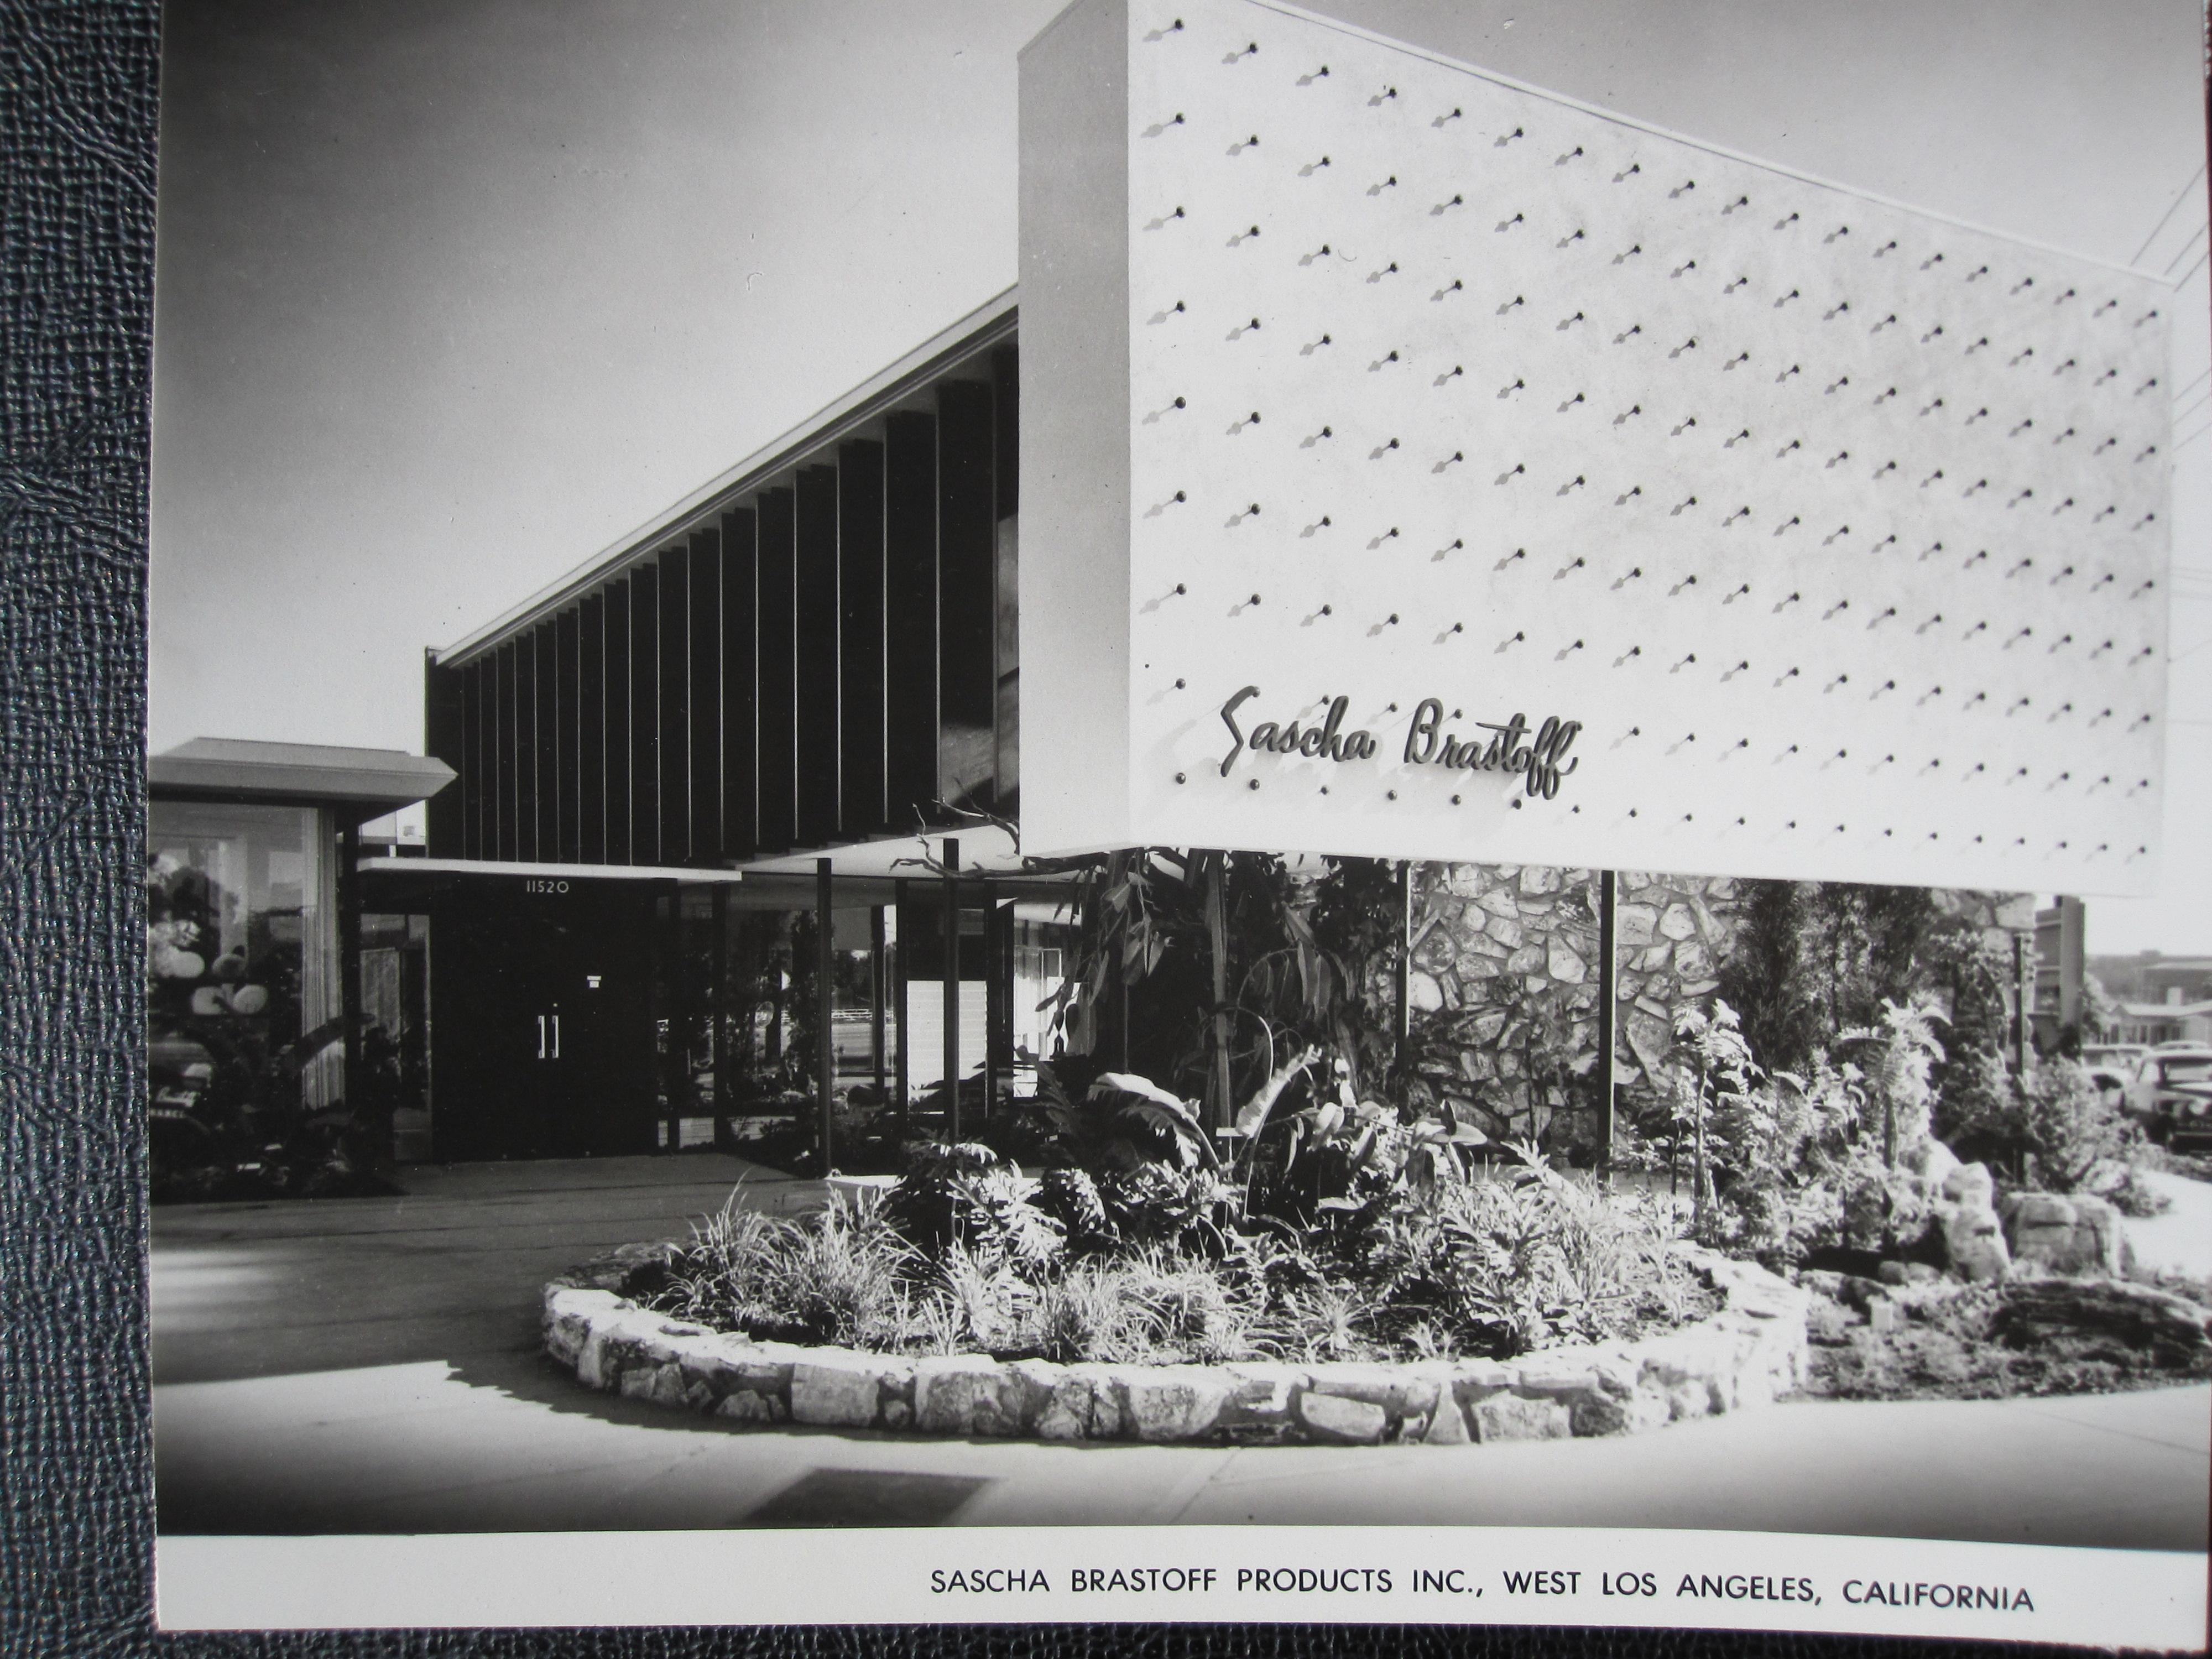 A quincy jones sascha brastoff ceramics factory built 1953 for Jones architecture